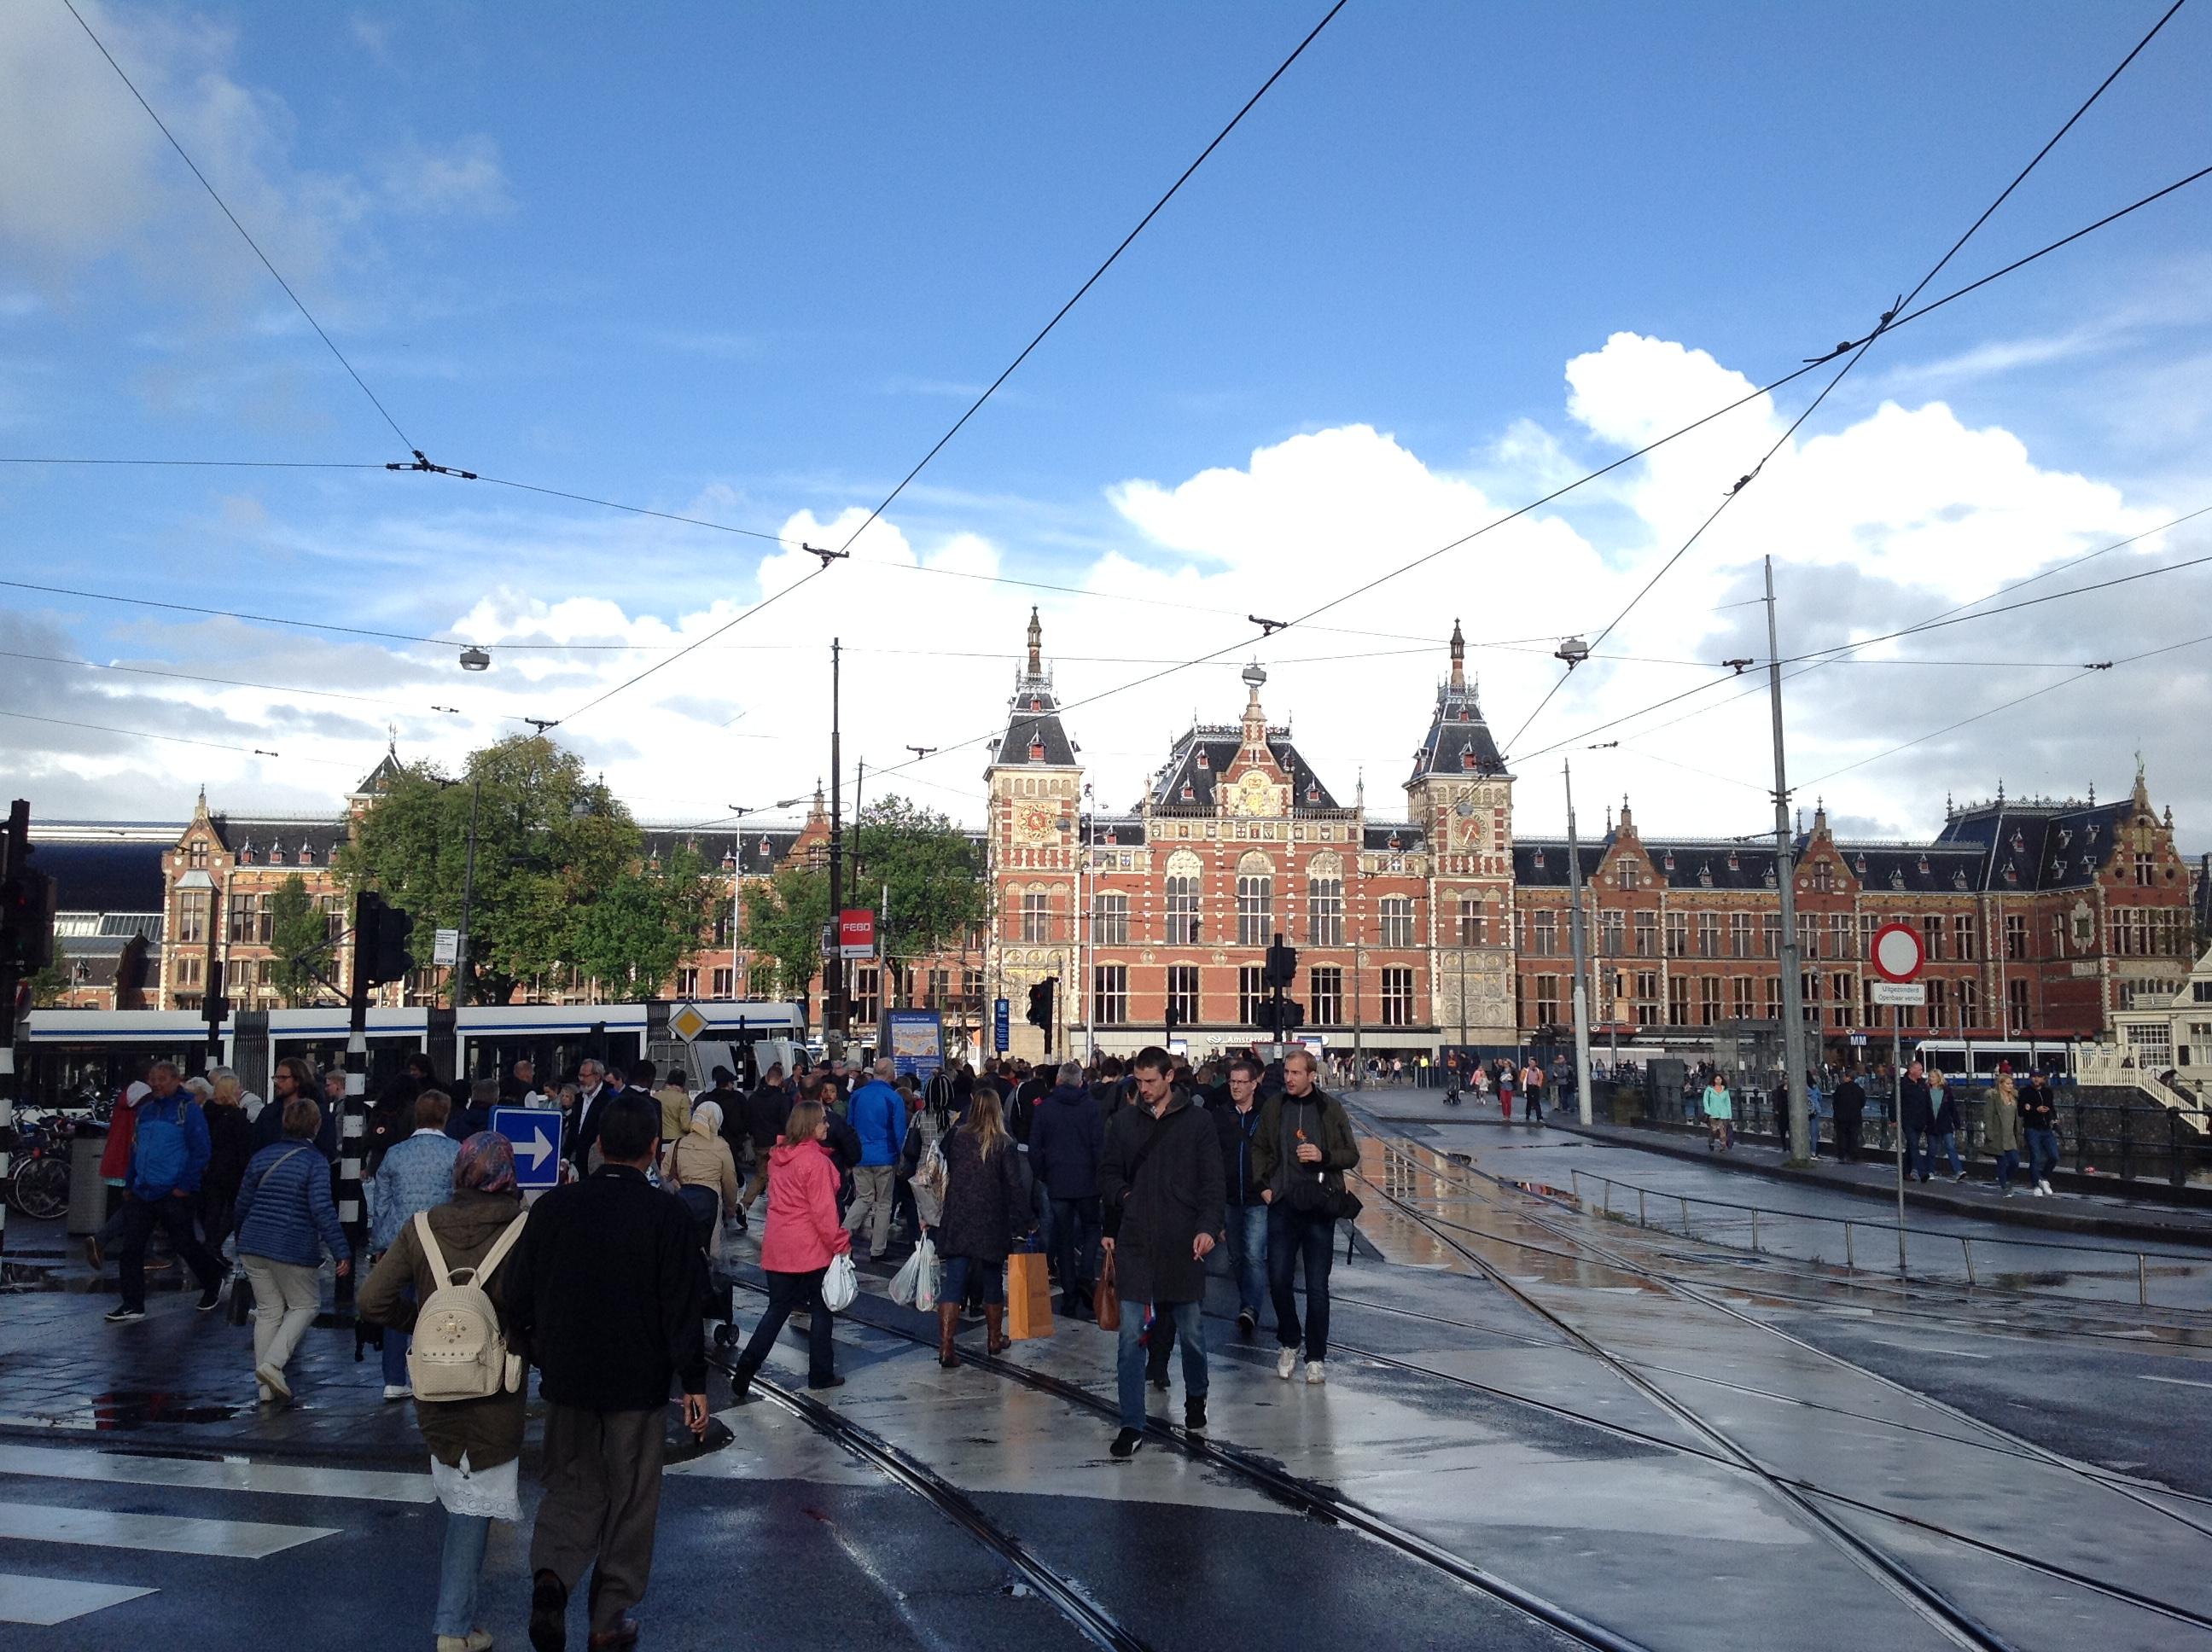 世界中の人が暮らすオランダ あなたはなぜここに?